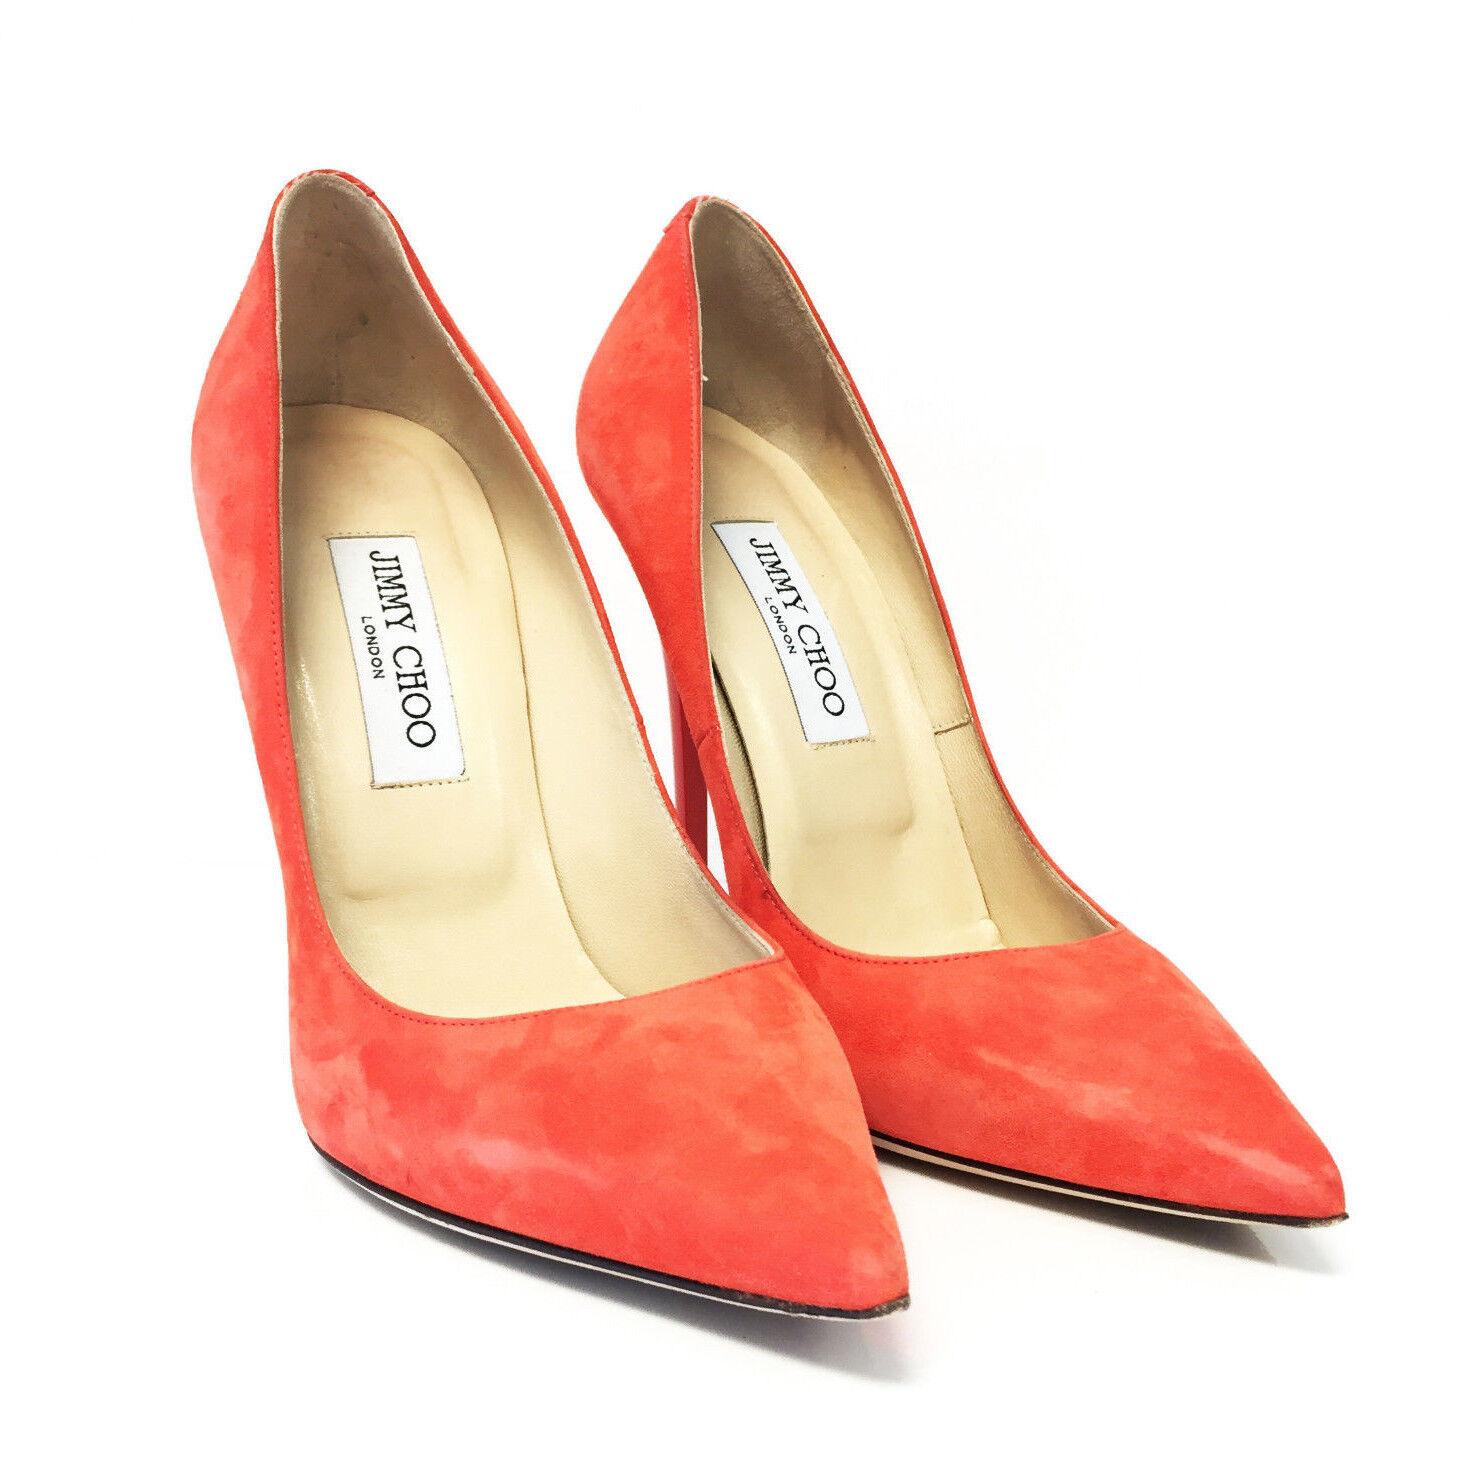 Jimmy Choo Anouk Suede High Heel Pumps Pumps Pumps shoes - Size 39 (US-8.5) (20866) d2ea79